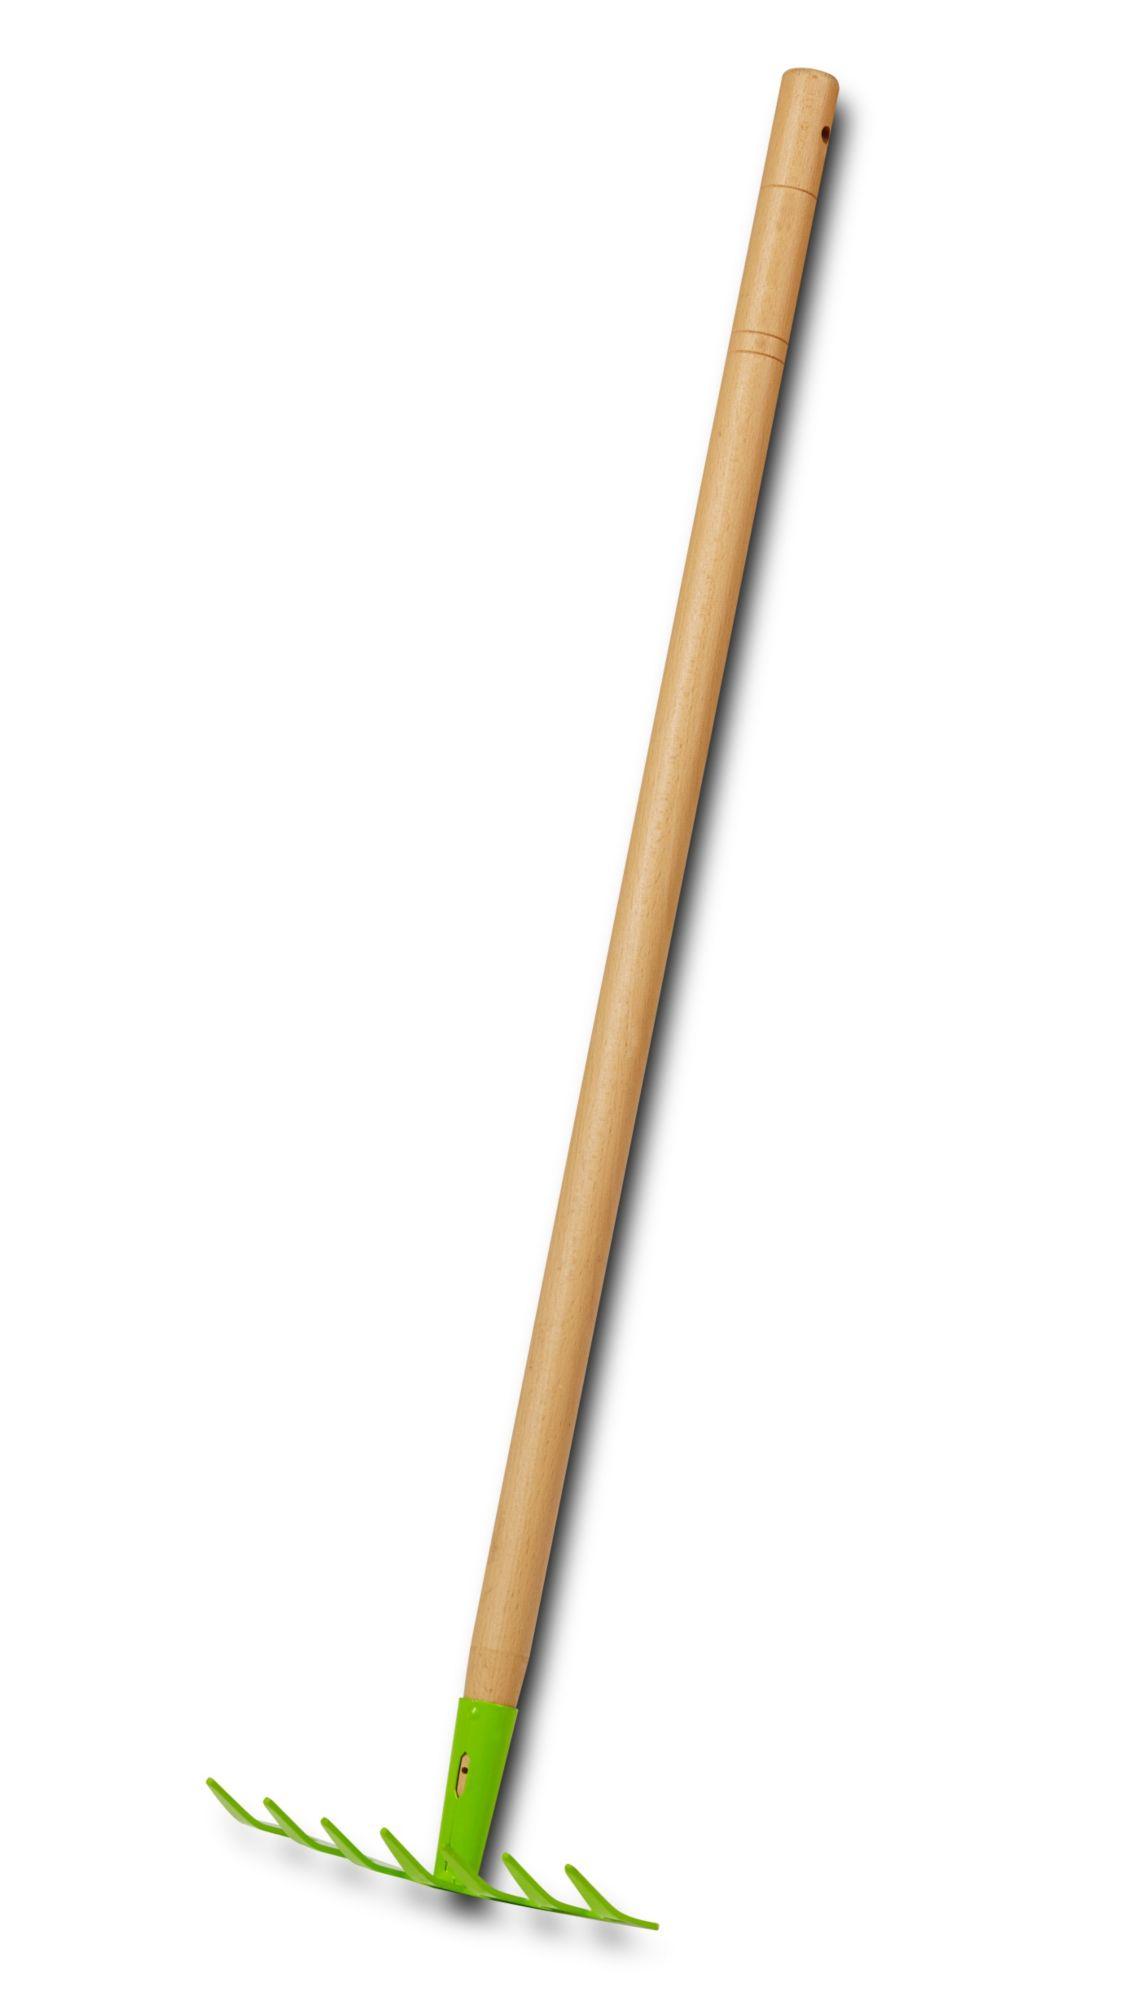 EverEarth® Kinder Rechen Mit Griff Aus Holz